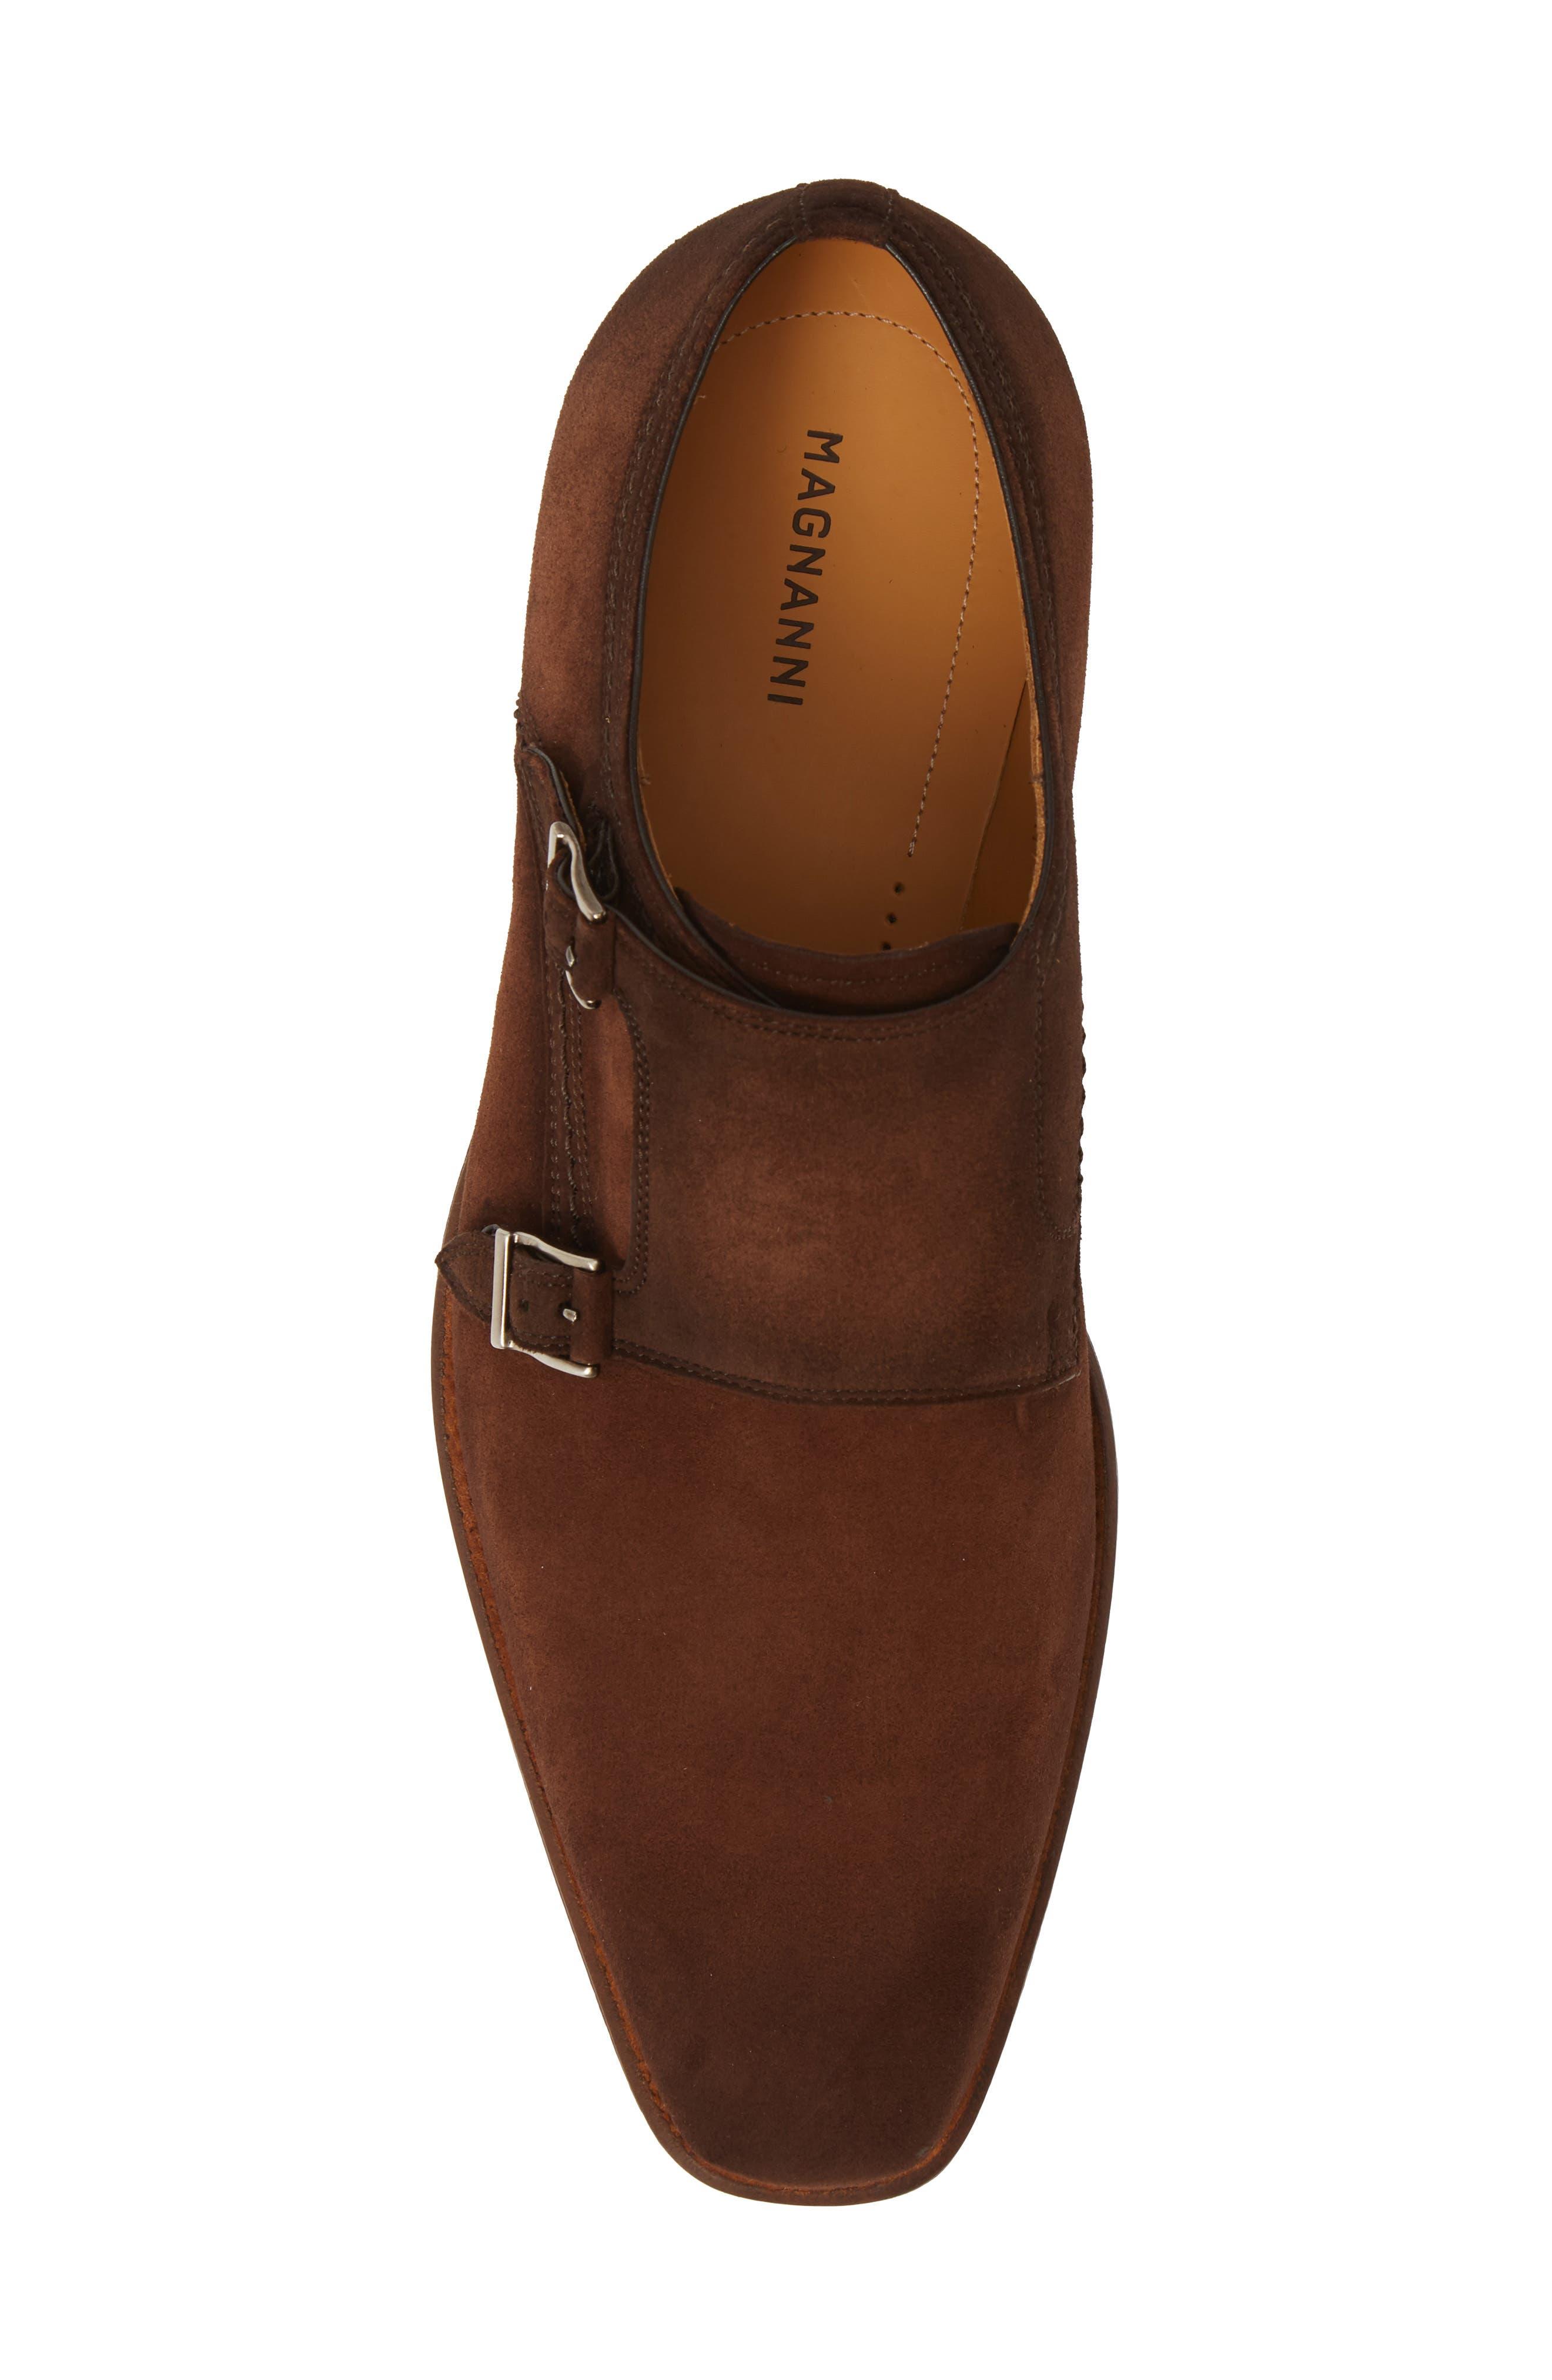 MAGNANNI, Landon Double Strap Monk Shoe, Alternate thumbnail 5, color, MID BROWN